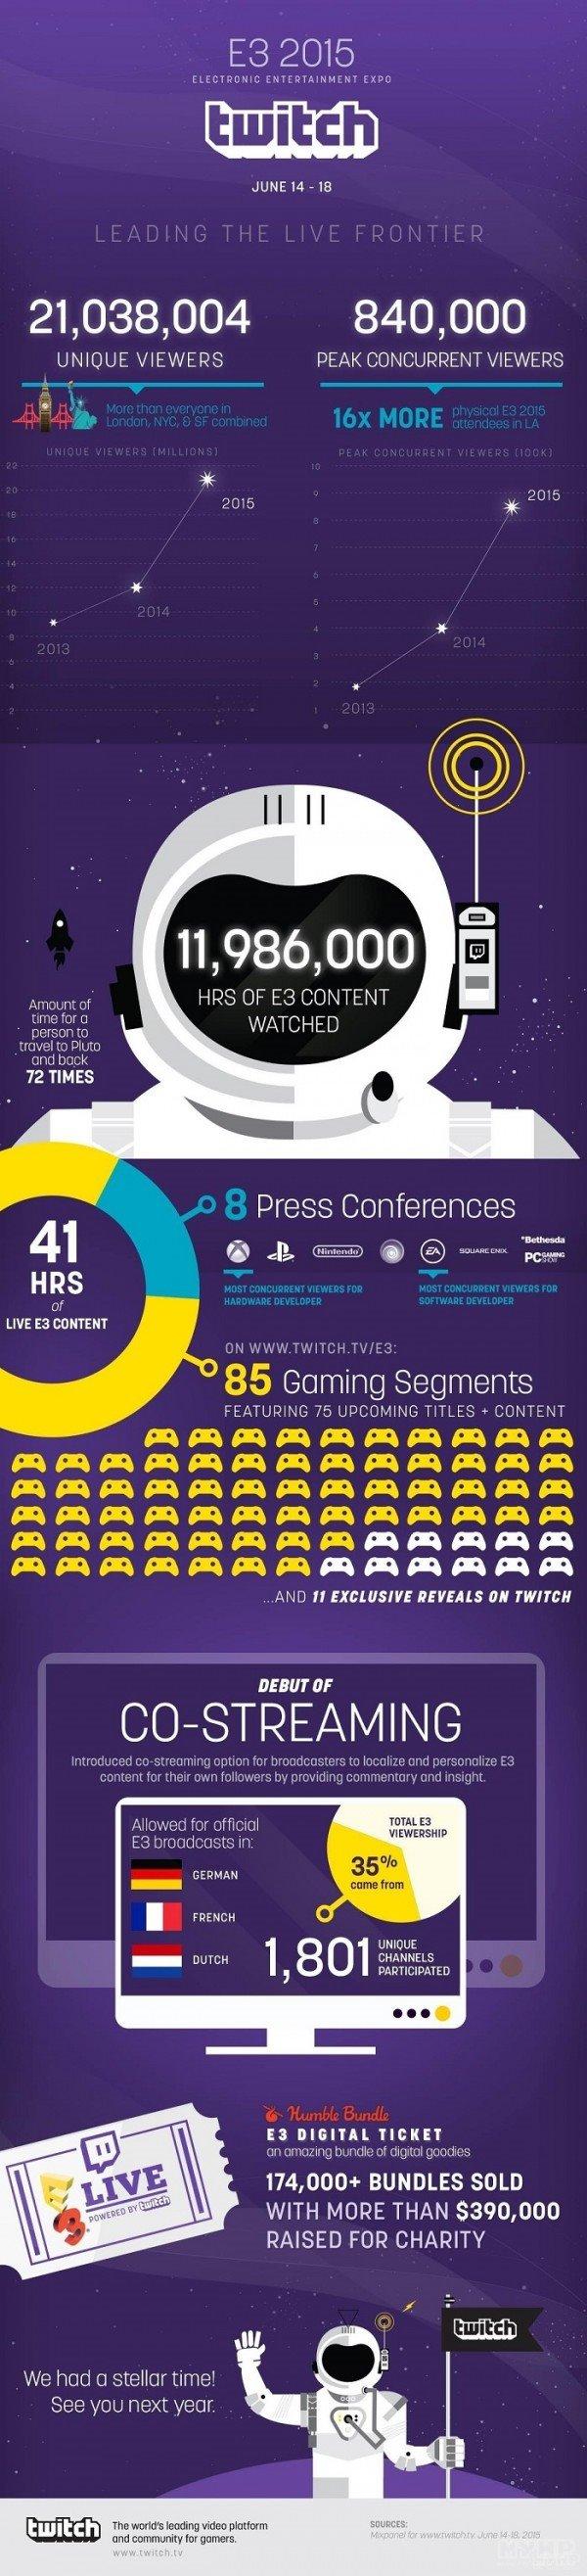 今年E3游戏展有多火?一看吓一跳